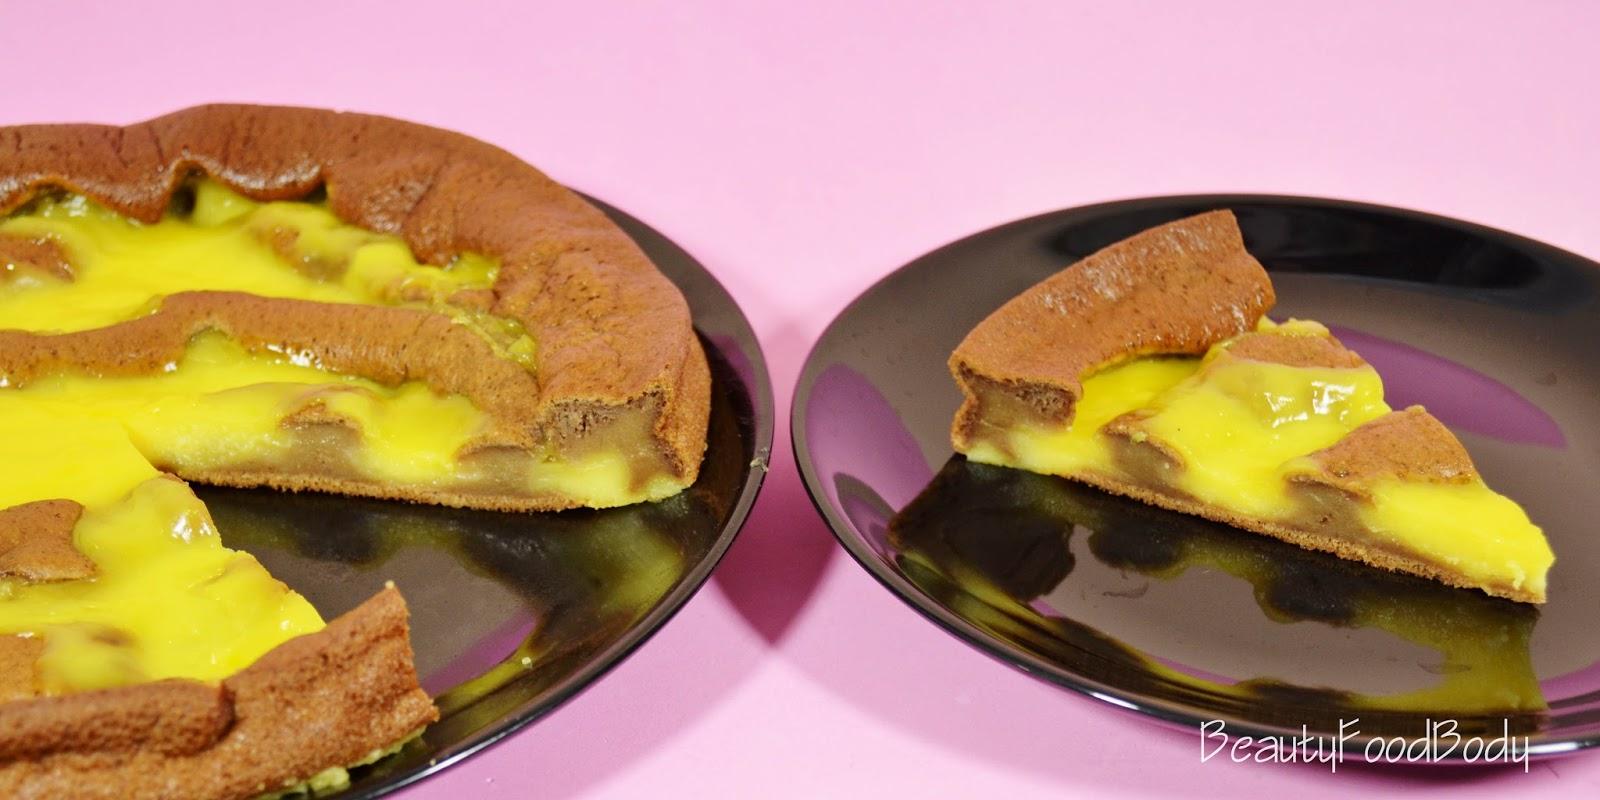 beautyfoodbody food recetas bizcocho de platano sin levadura con flan